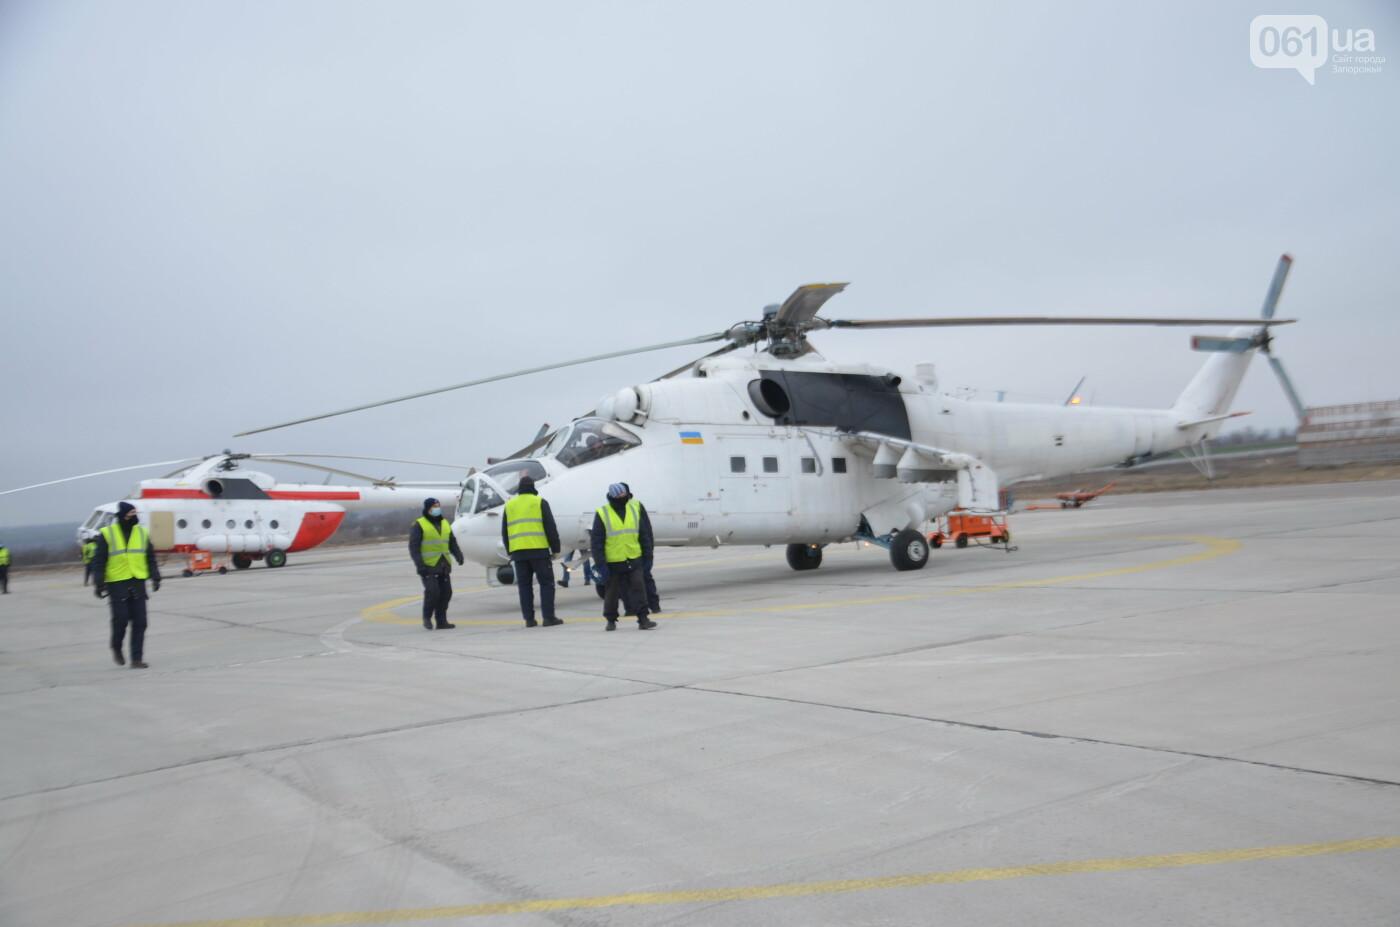 В Запорожье прошли первые испытания новых лопастей для военных вертолетов, - ФОТО, фото-12